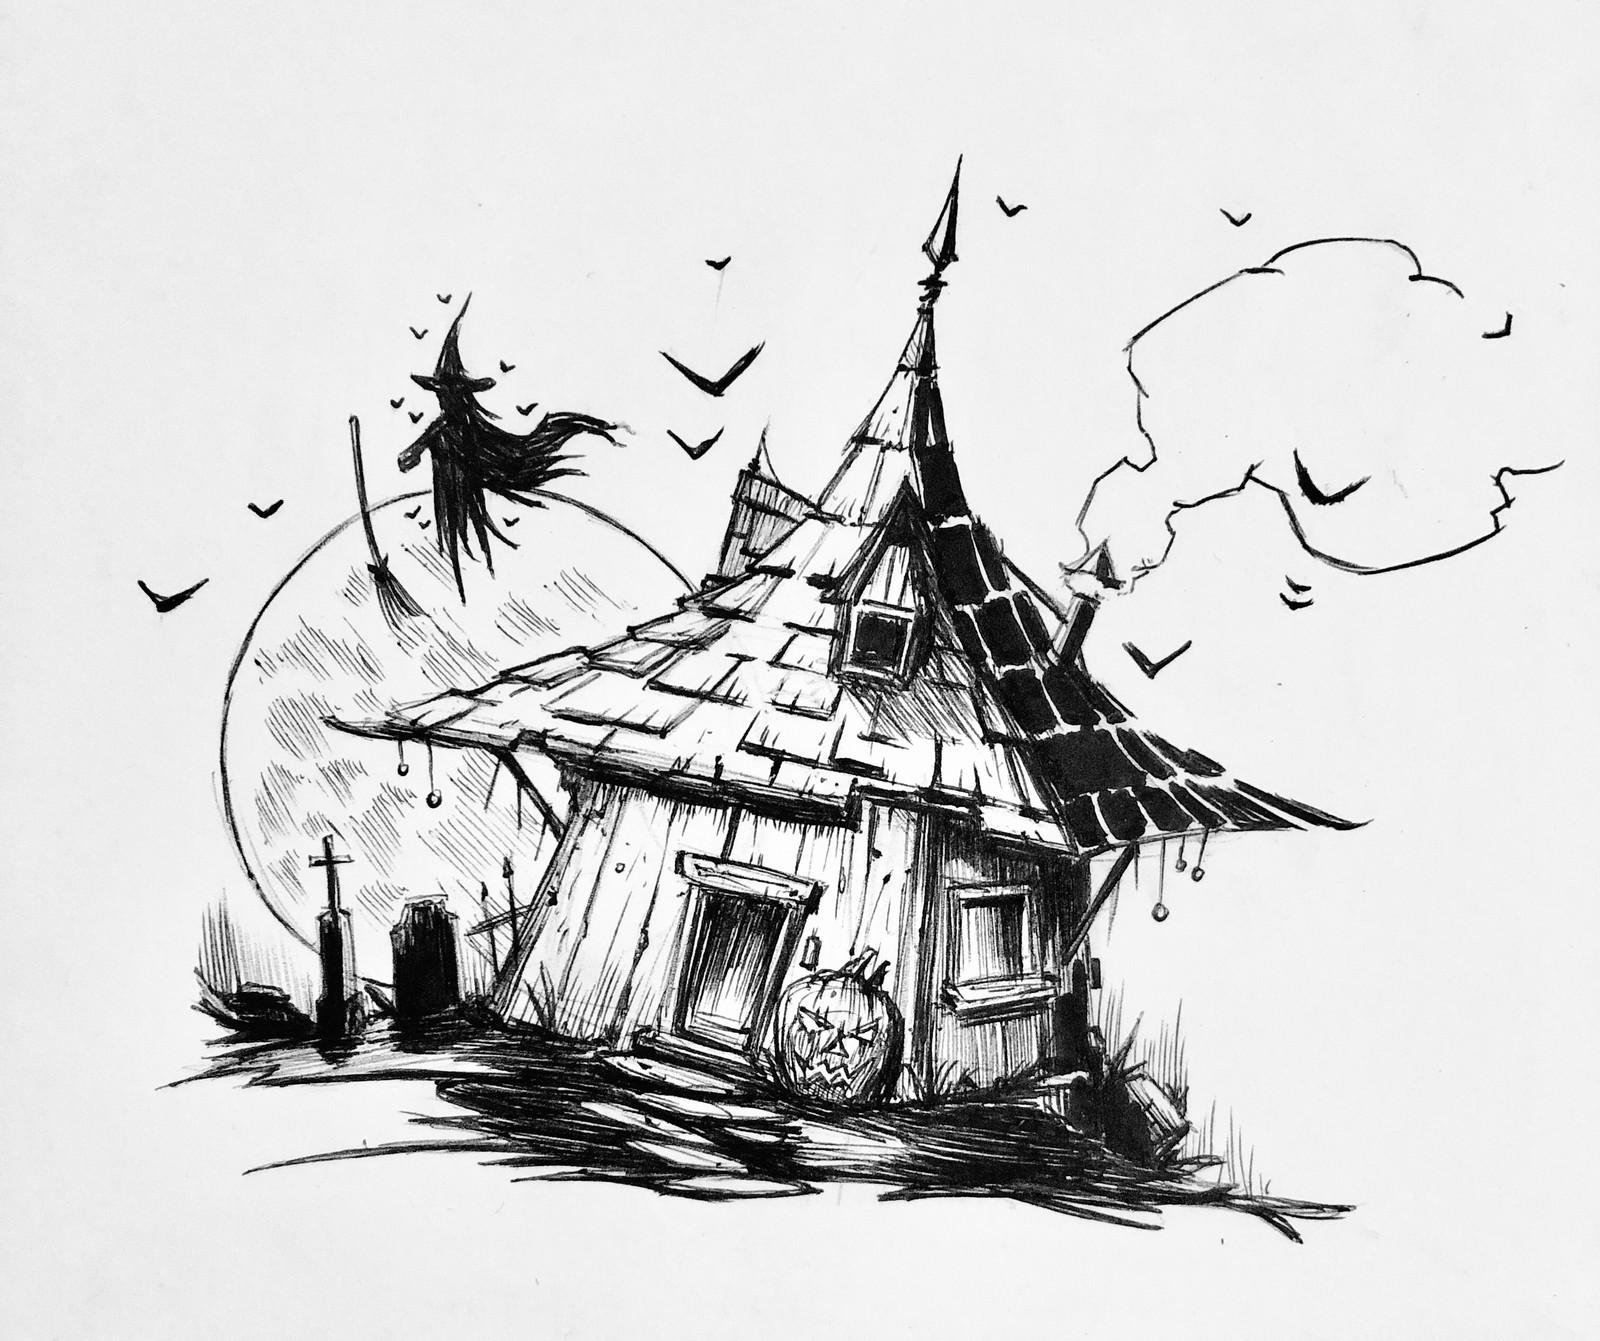 Inktober 2018- illustrations 6-12